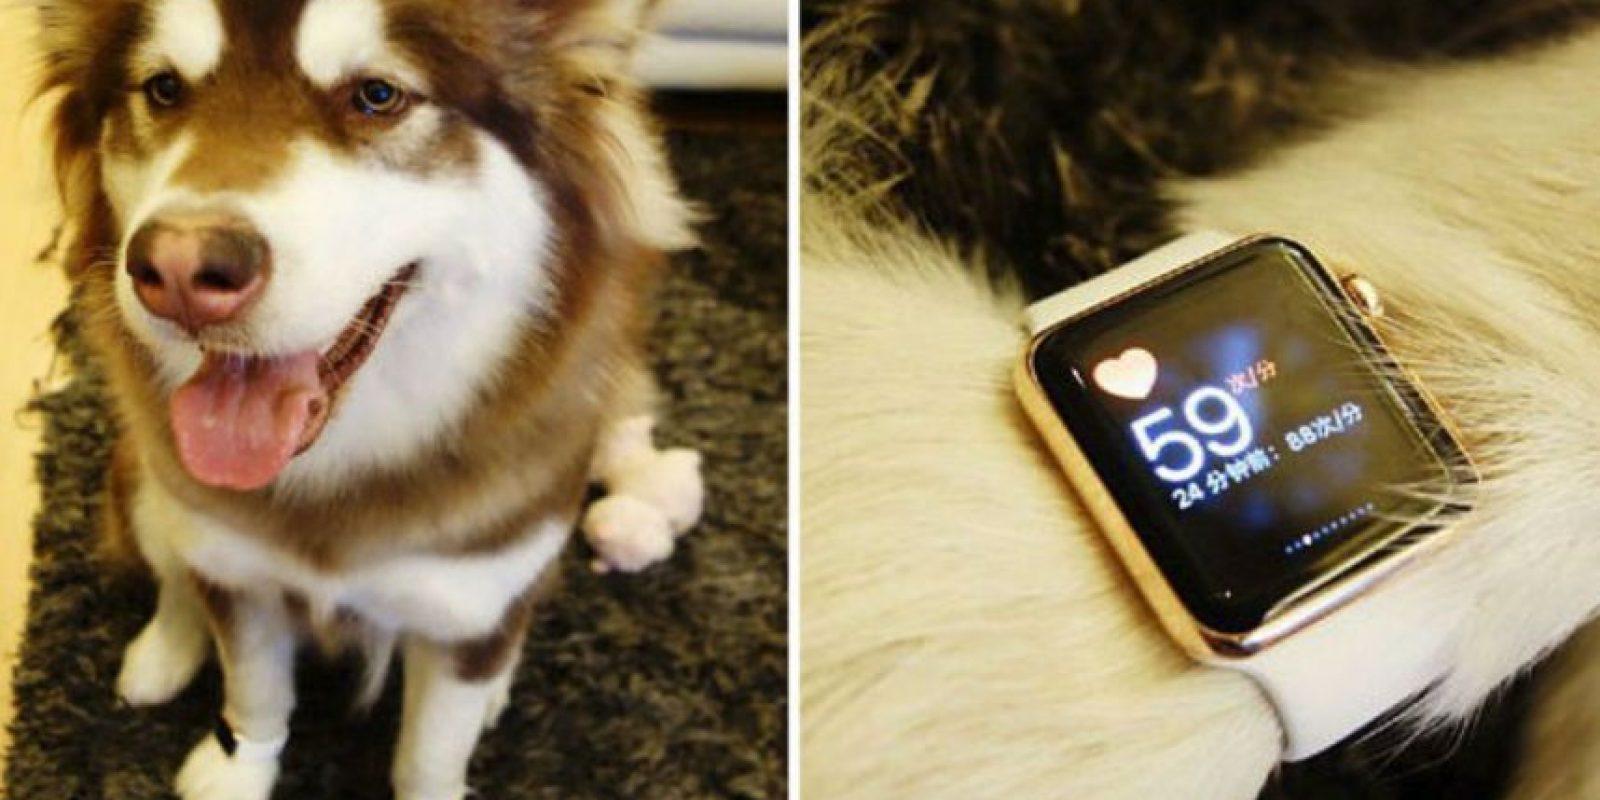 El hijo de un millonario chino regaló dos de estos relojes de oro para su perro… así como lo escuchan. Este hecho causó indignación en esta sociedad asiática Foto:Webo